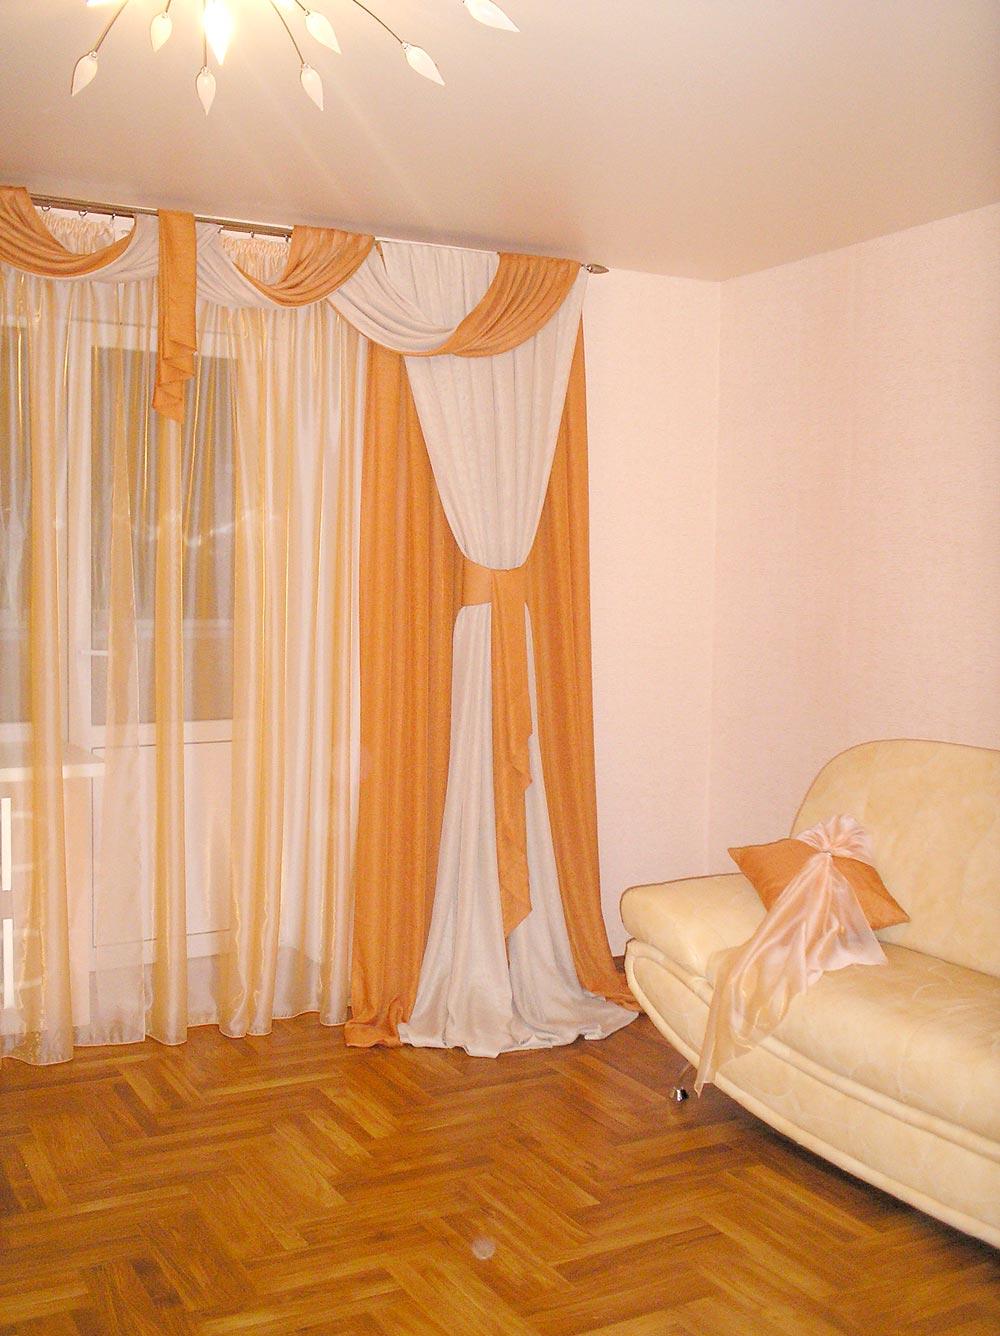 Угол комнаты с абрикосовыми занавесками